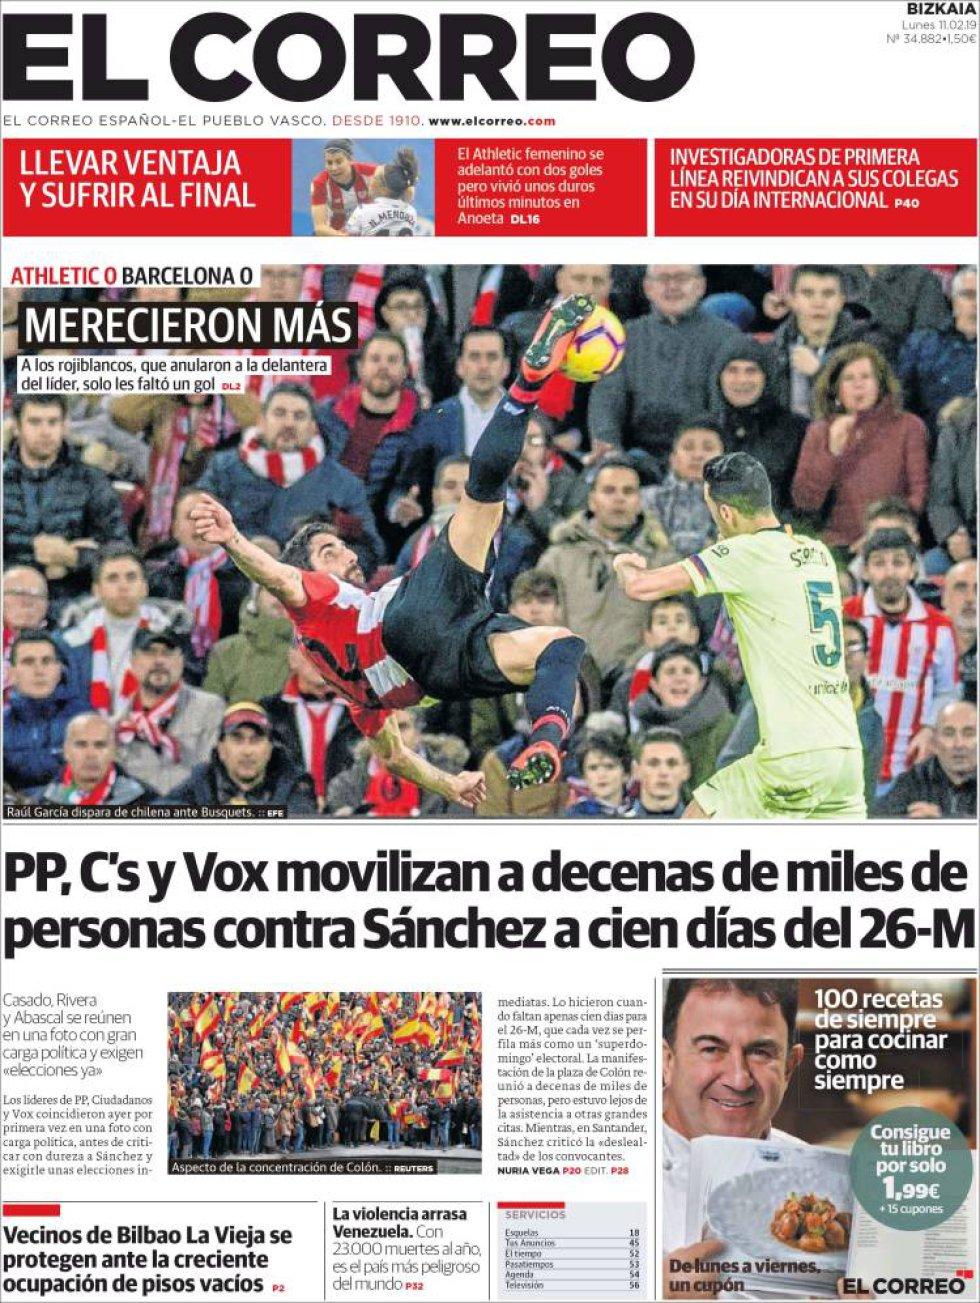 Así reflejan las portadas la manifestación del PP, Cs y Vox en Colón